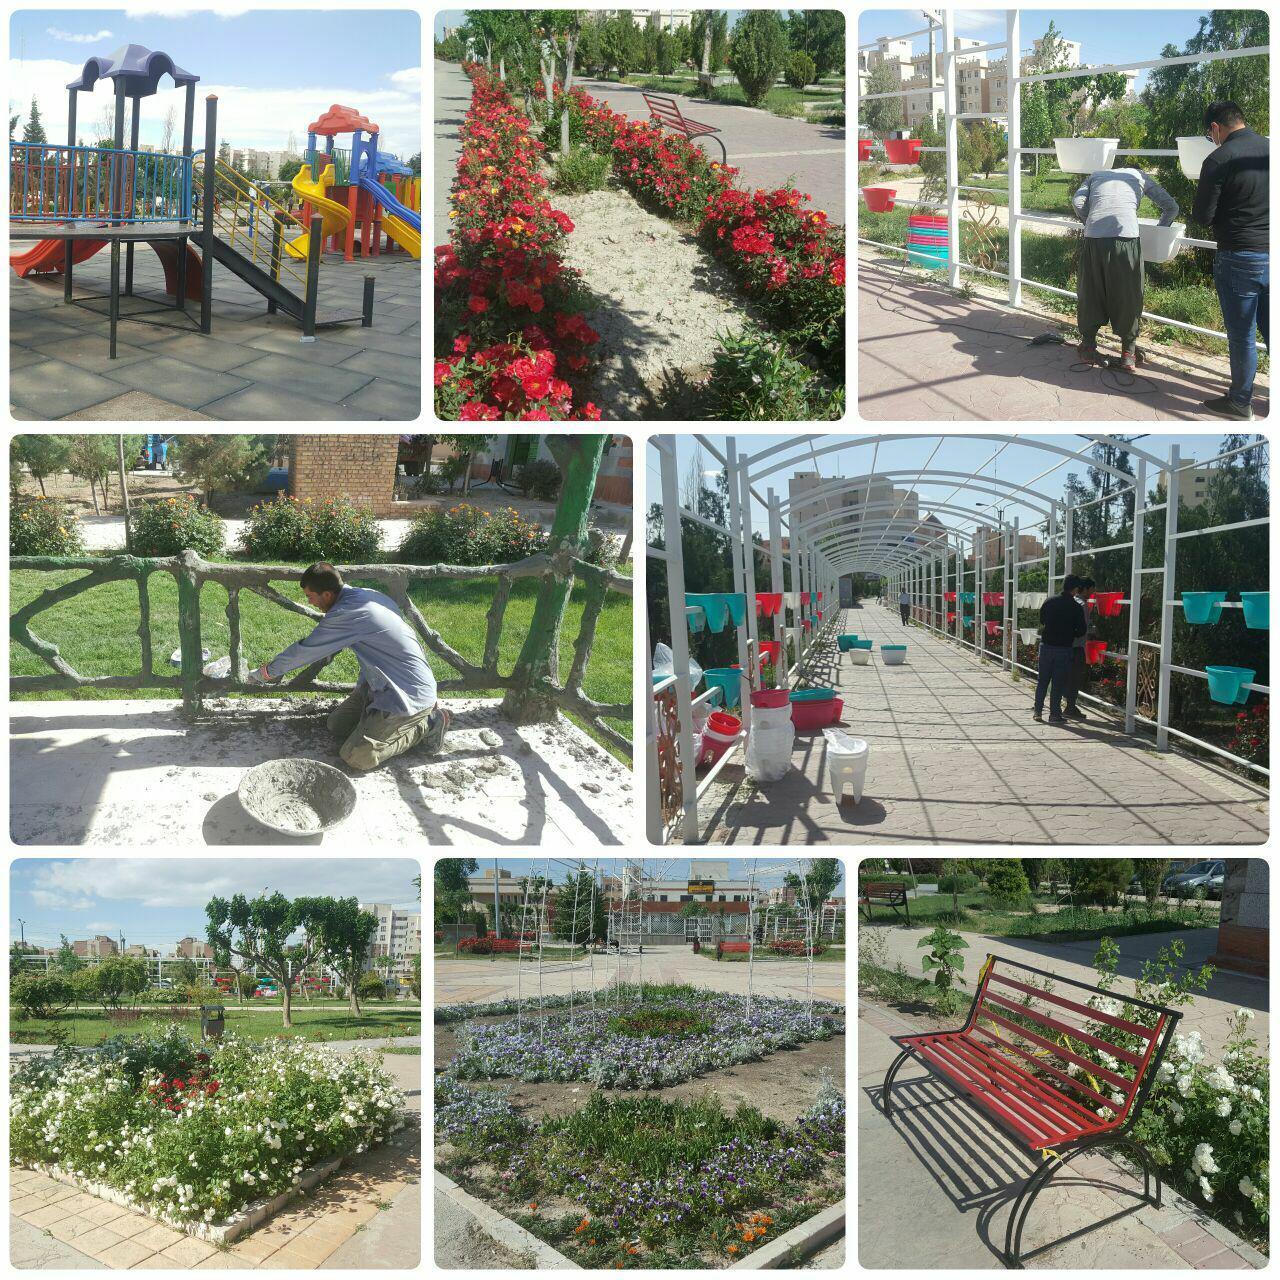 پارک فدک شهر پرند زیبا و نونوار شد